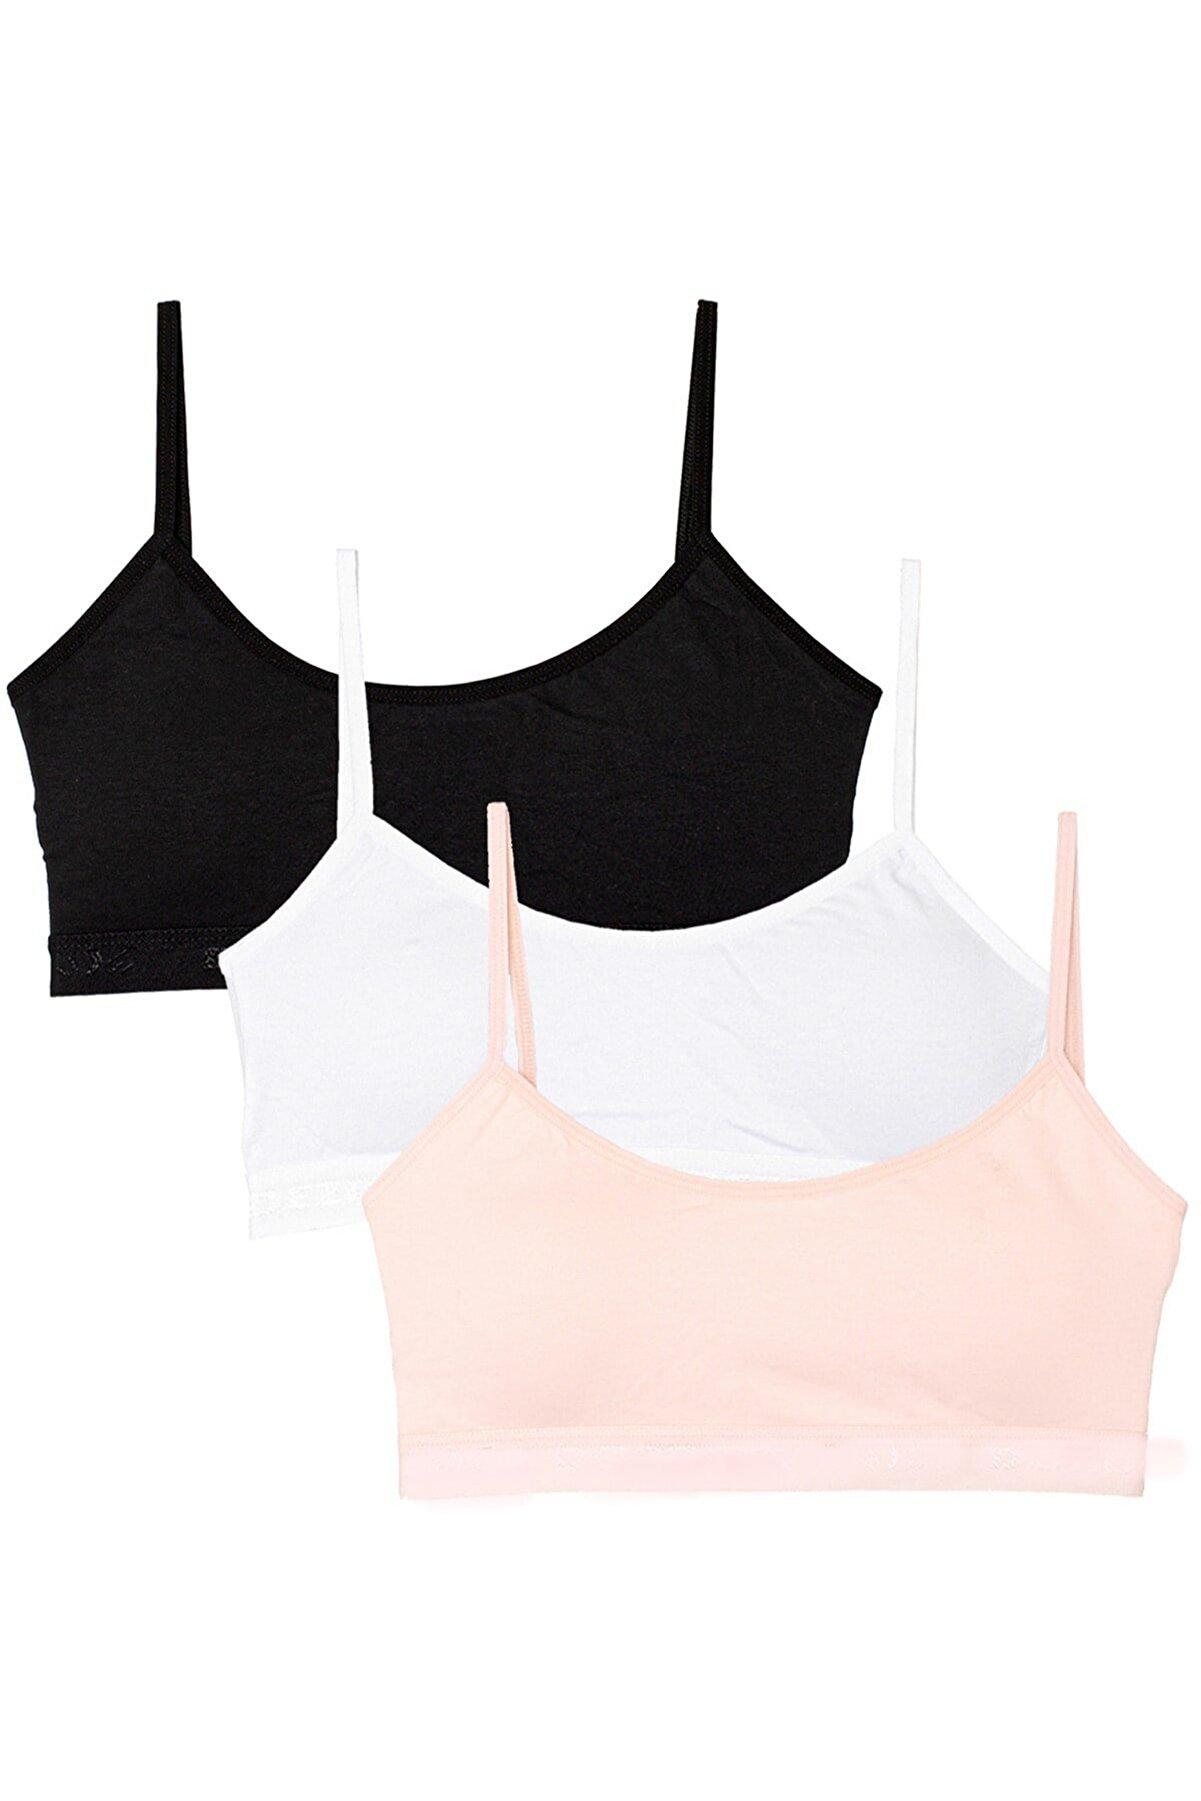 ld lidya underwear Kadın Renkli 3 Lü Ip Askılı Pedli Yarım Atlet